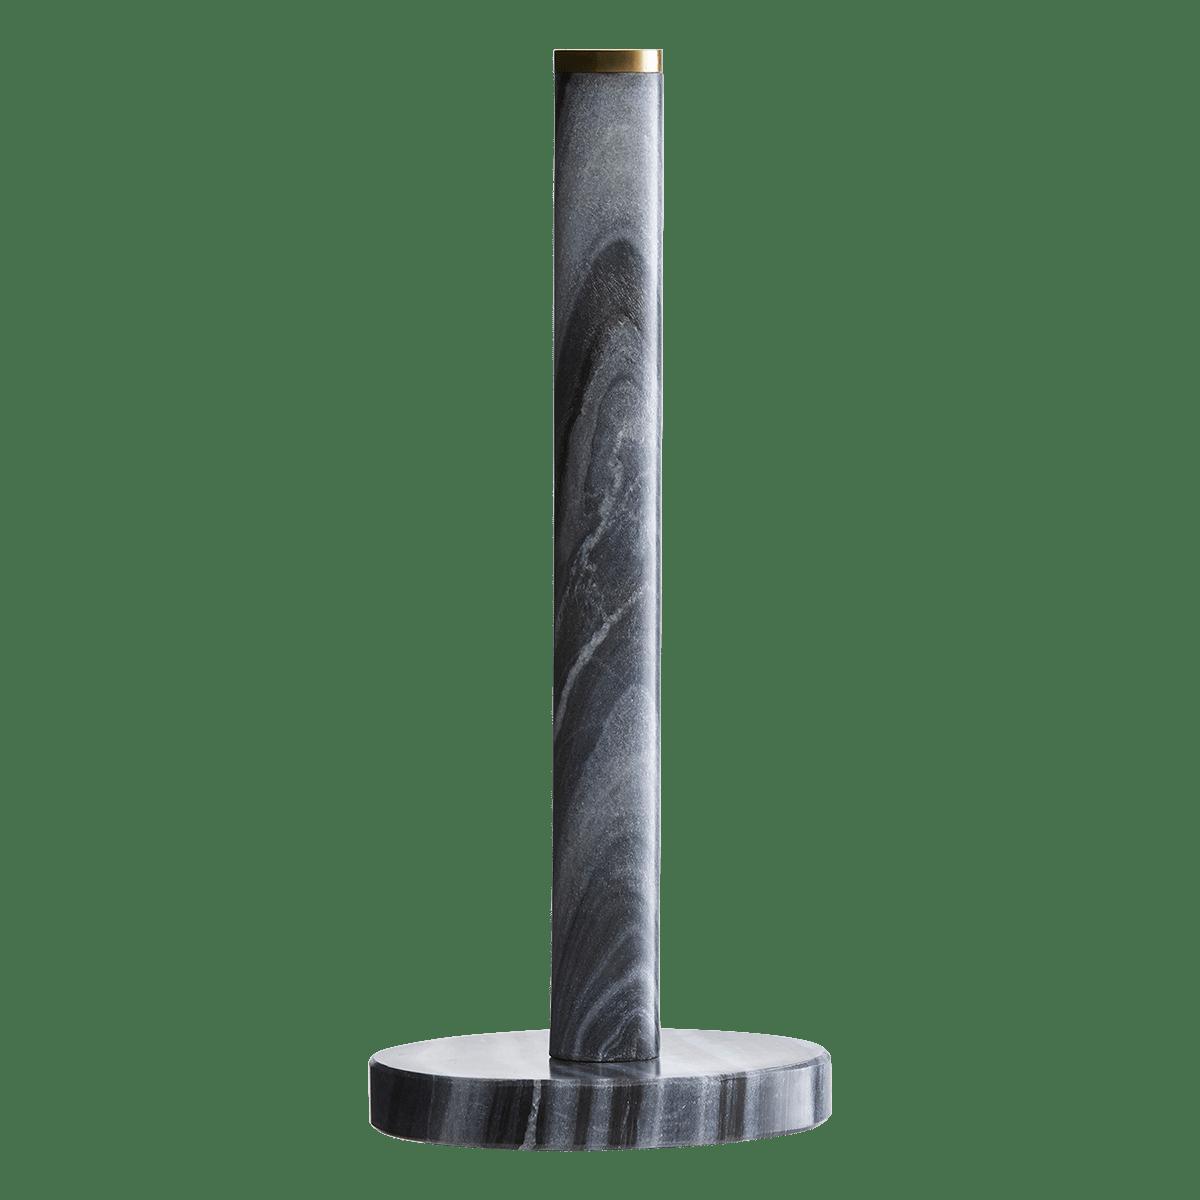 Stojan na papírové útěrky Black marble